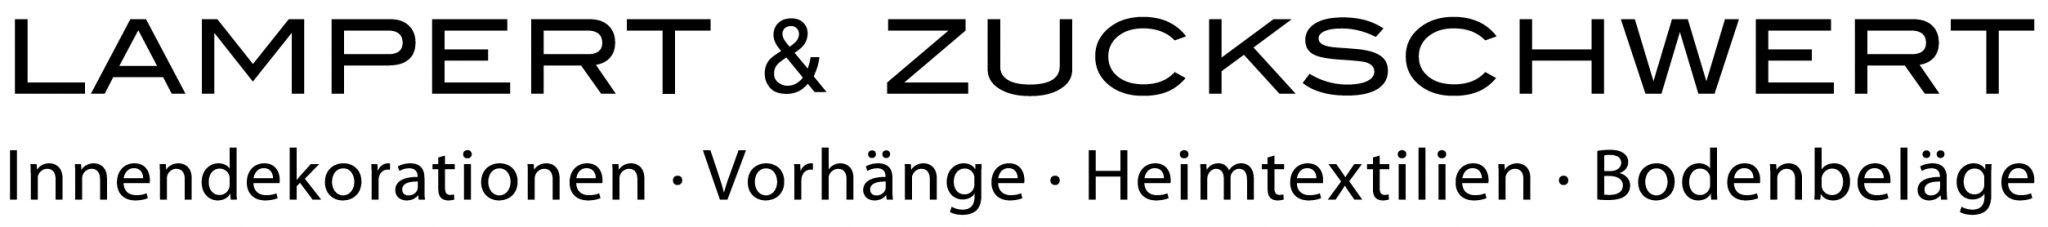 Lampert & Zuckschwert GmbH – Innendekorationen | Vorhänge | Bodenbeläge | Heimtextilien in Basel